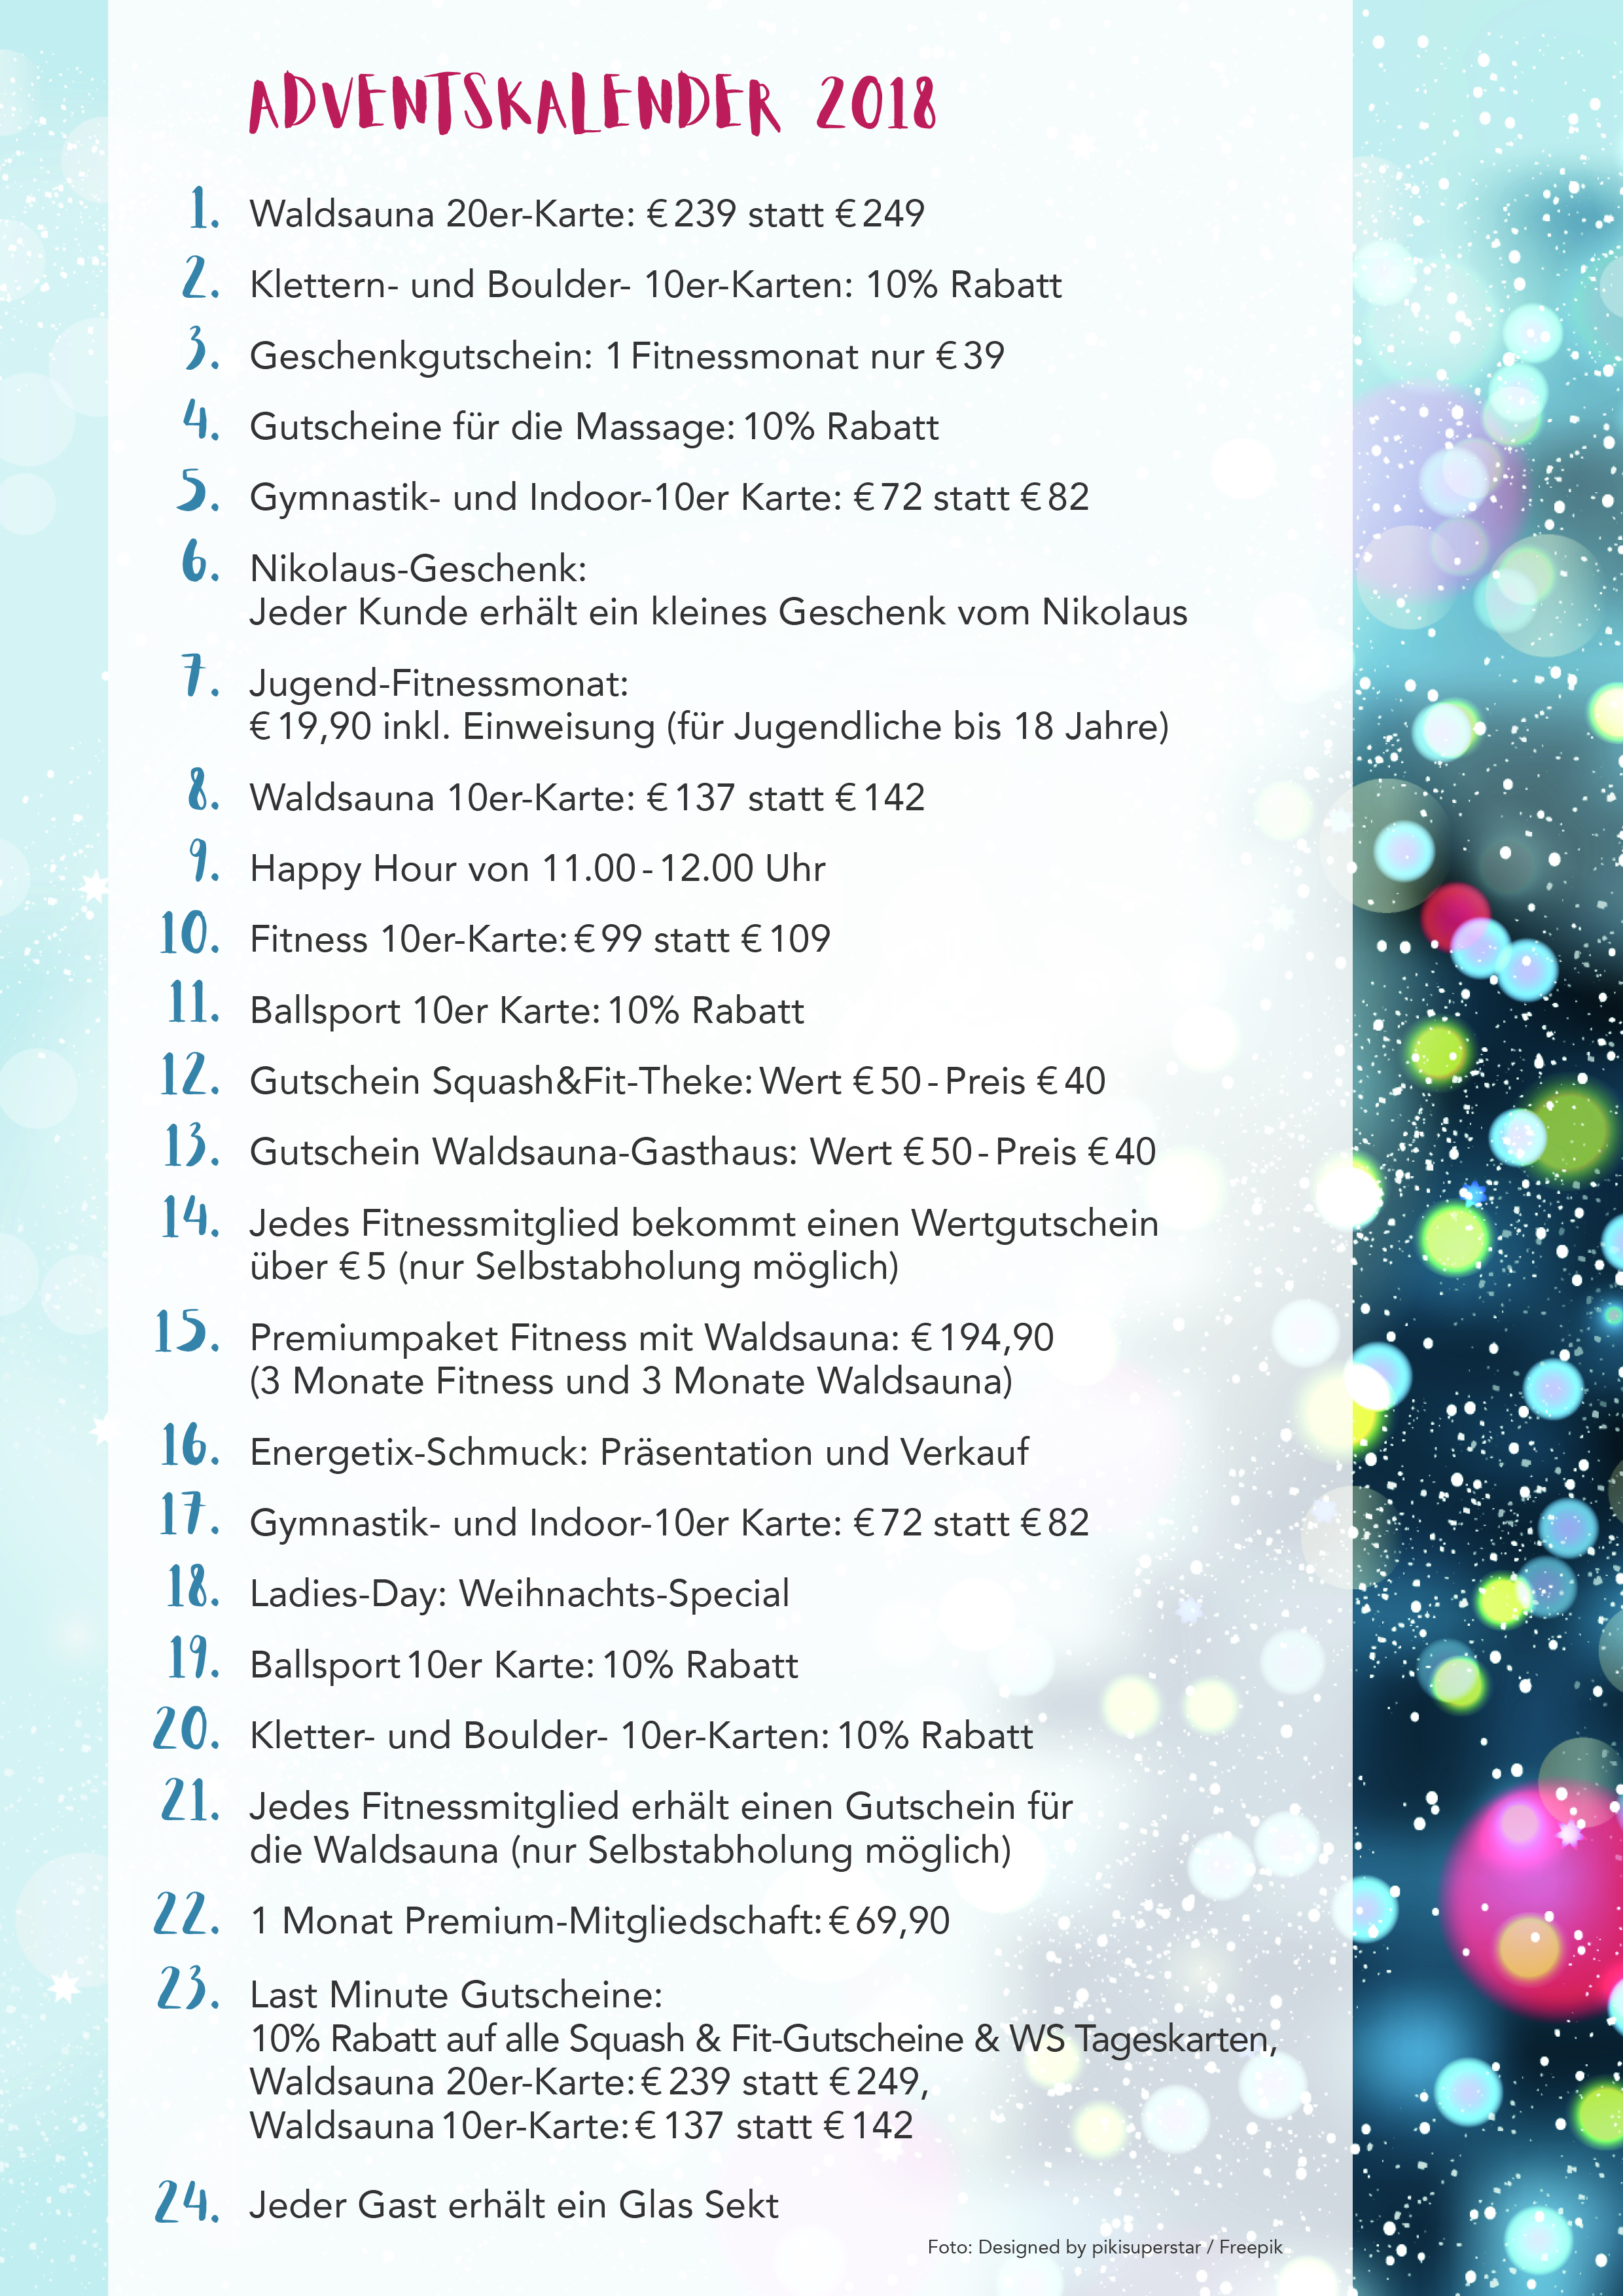 Adventskalender 2018 Squash und Fit